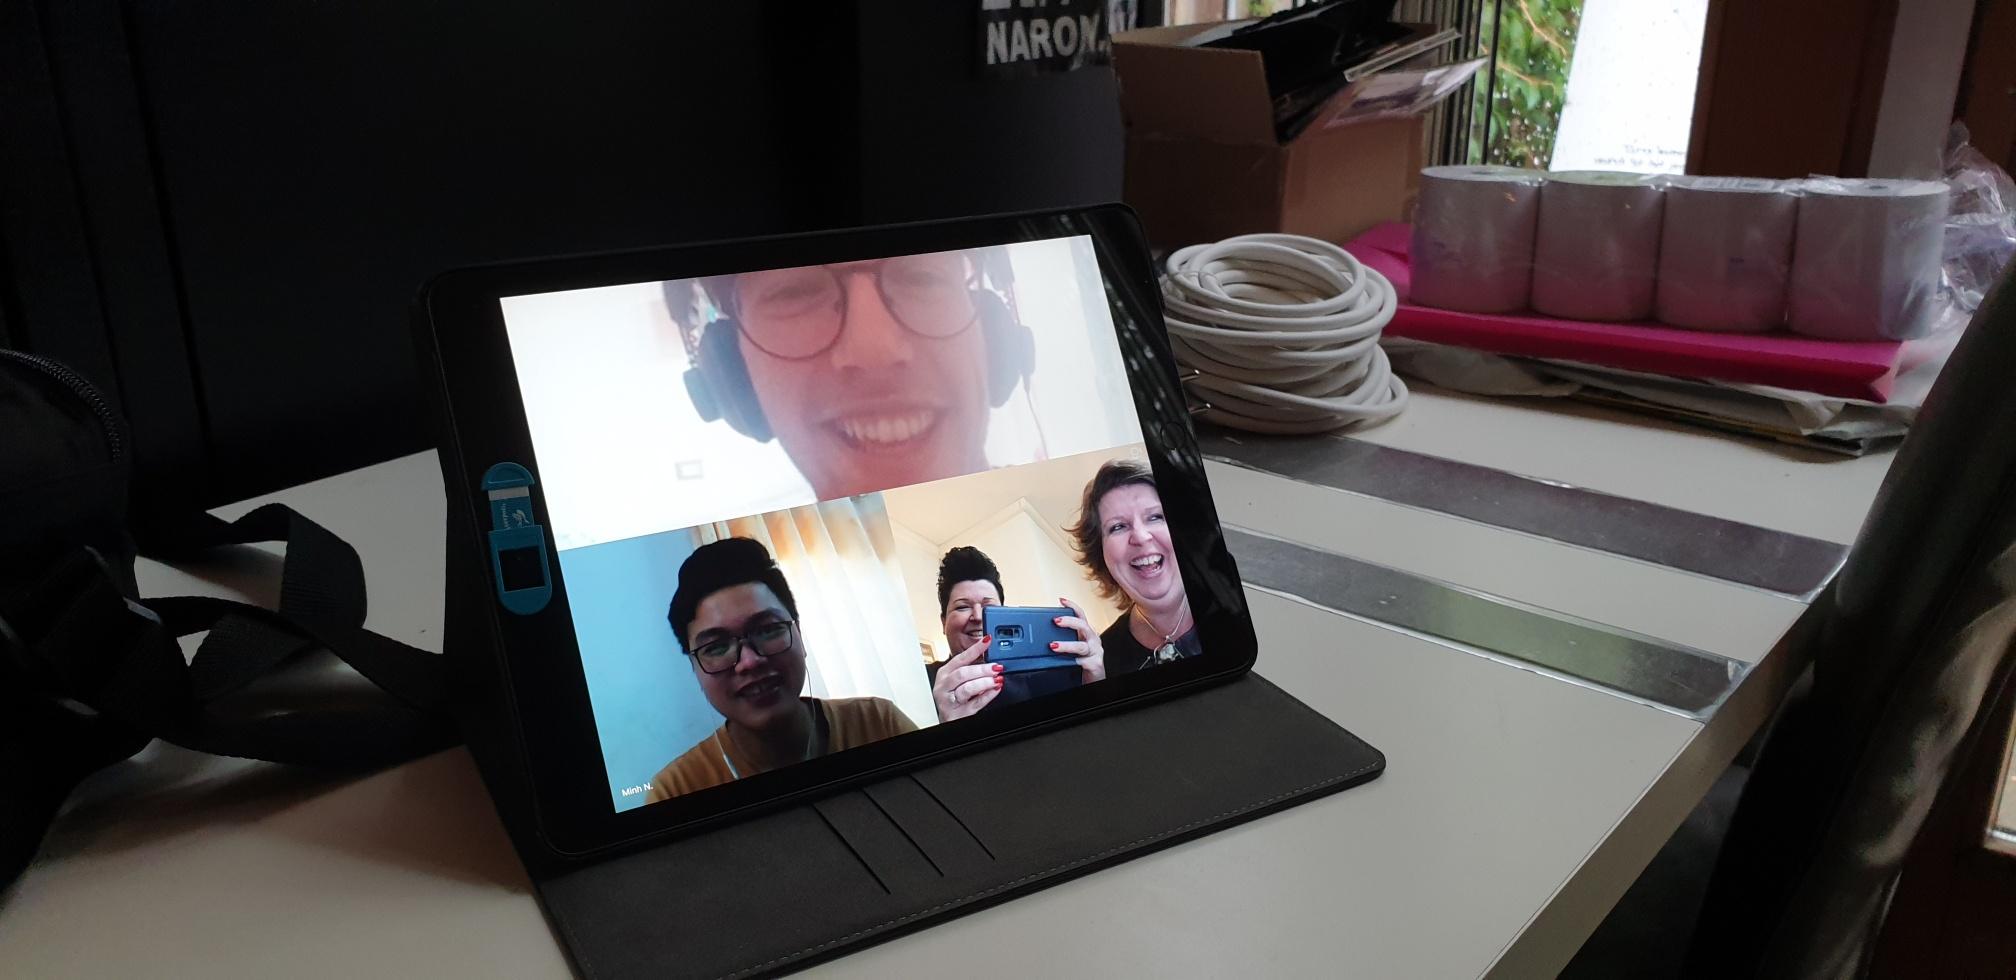 Naron werkt samen met hogeschool leeuwarden videobellen rond de wereld